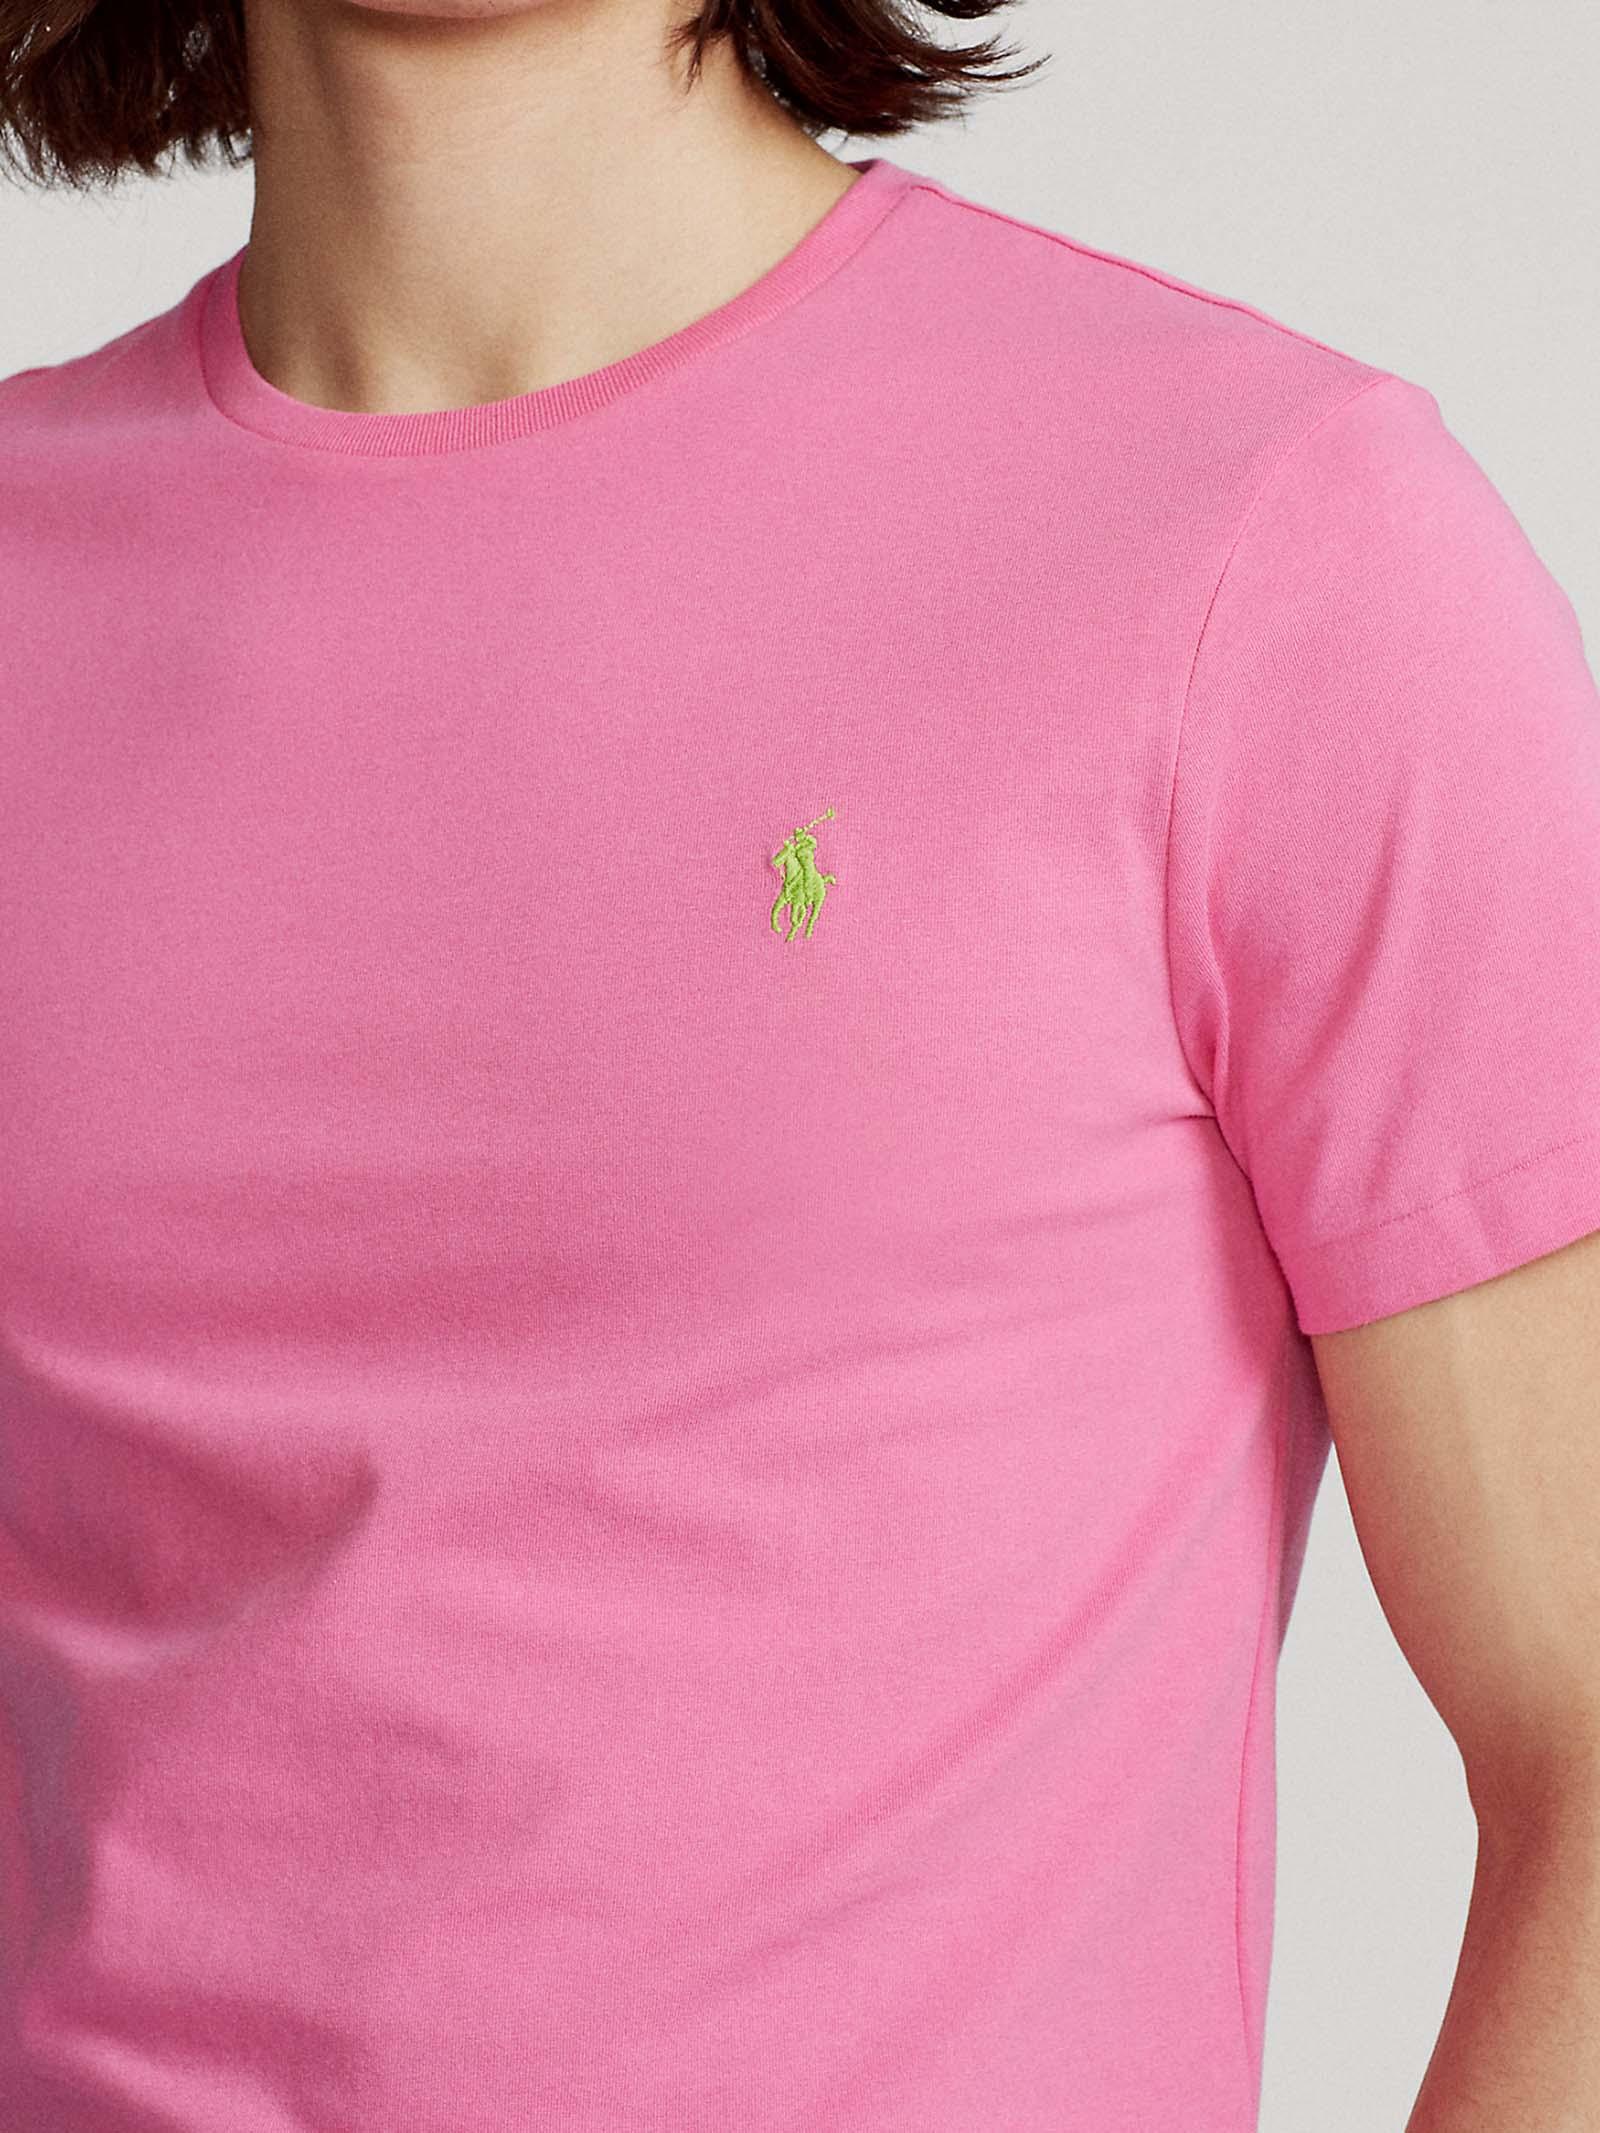 T-shirt girocollo custom slim fit RALPH LAUREN   T-shirt   710-671438219